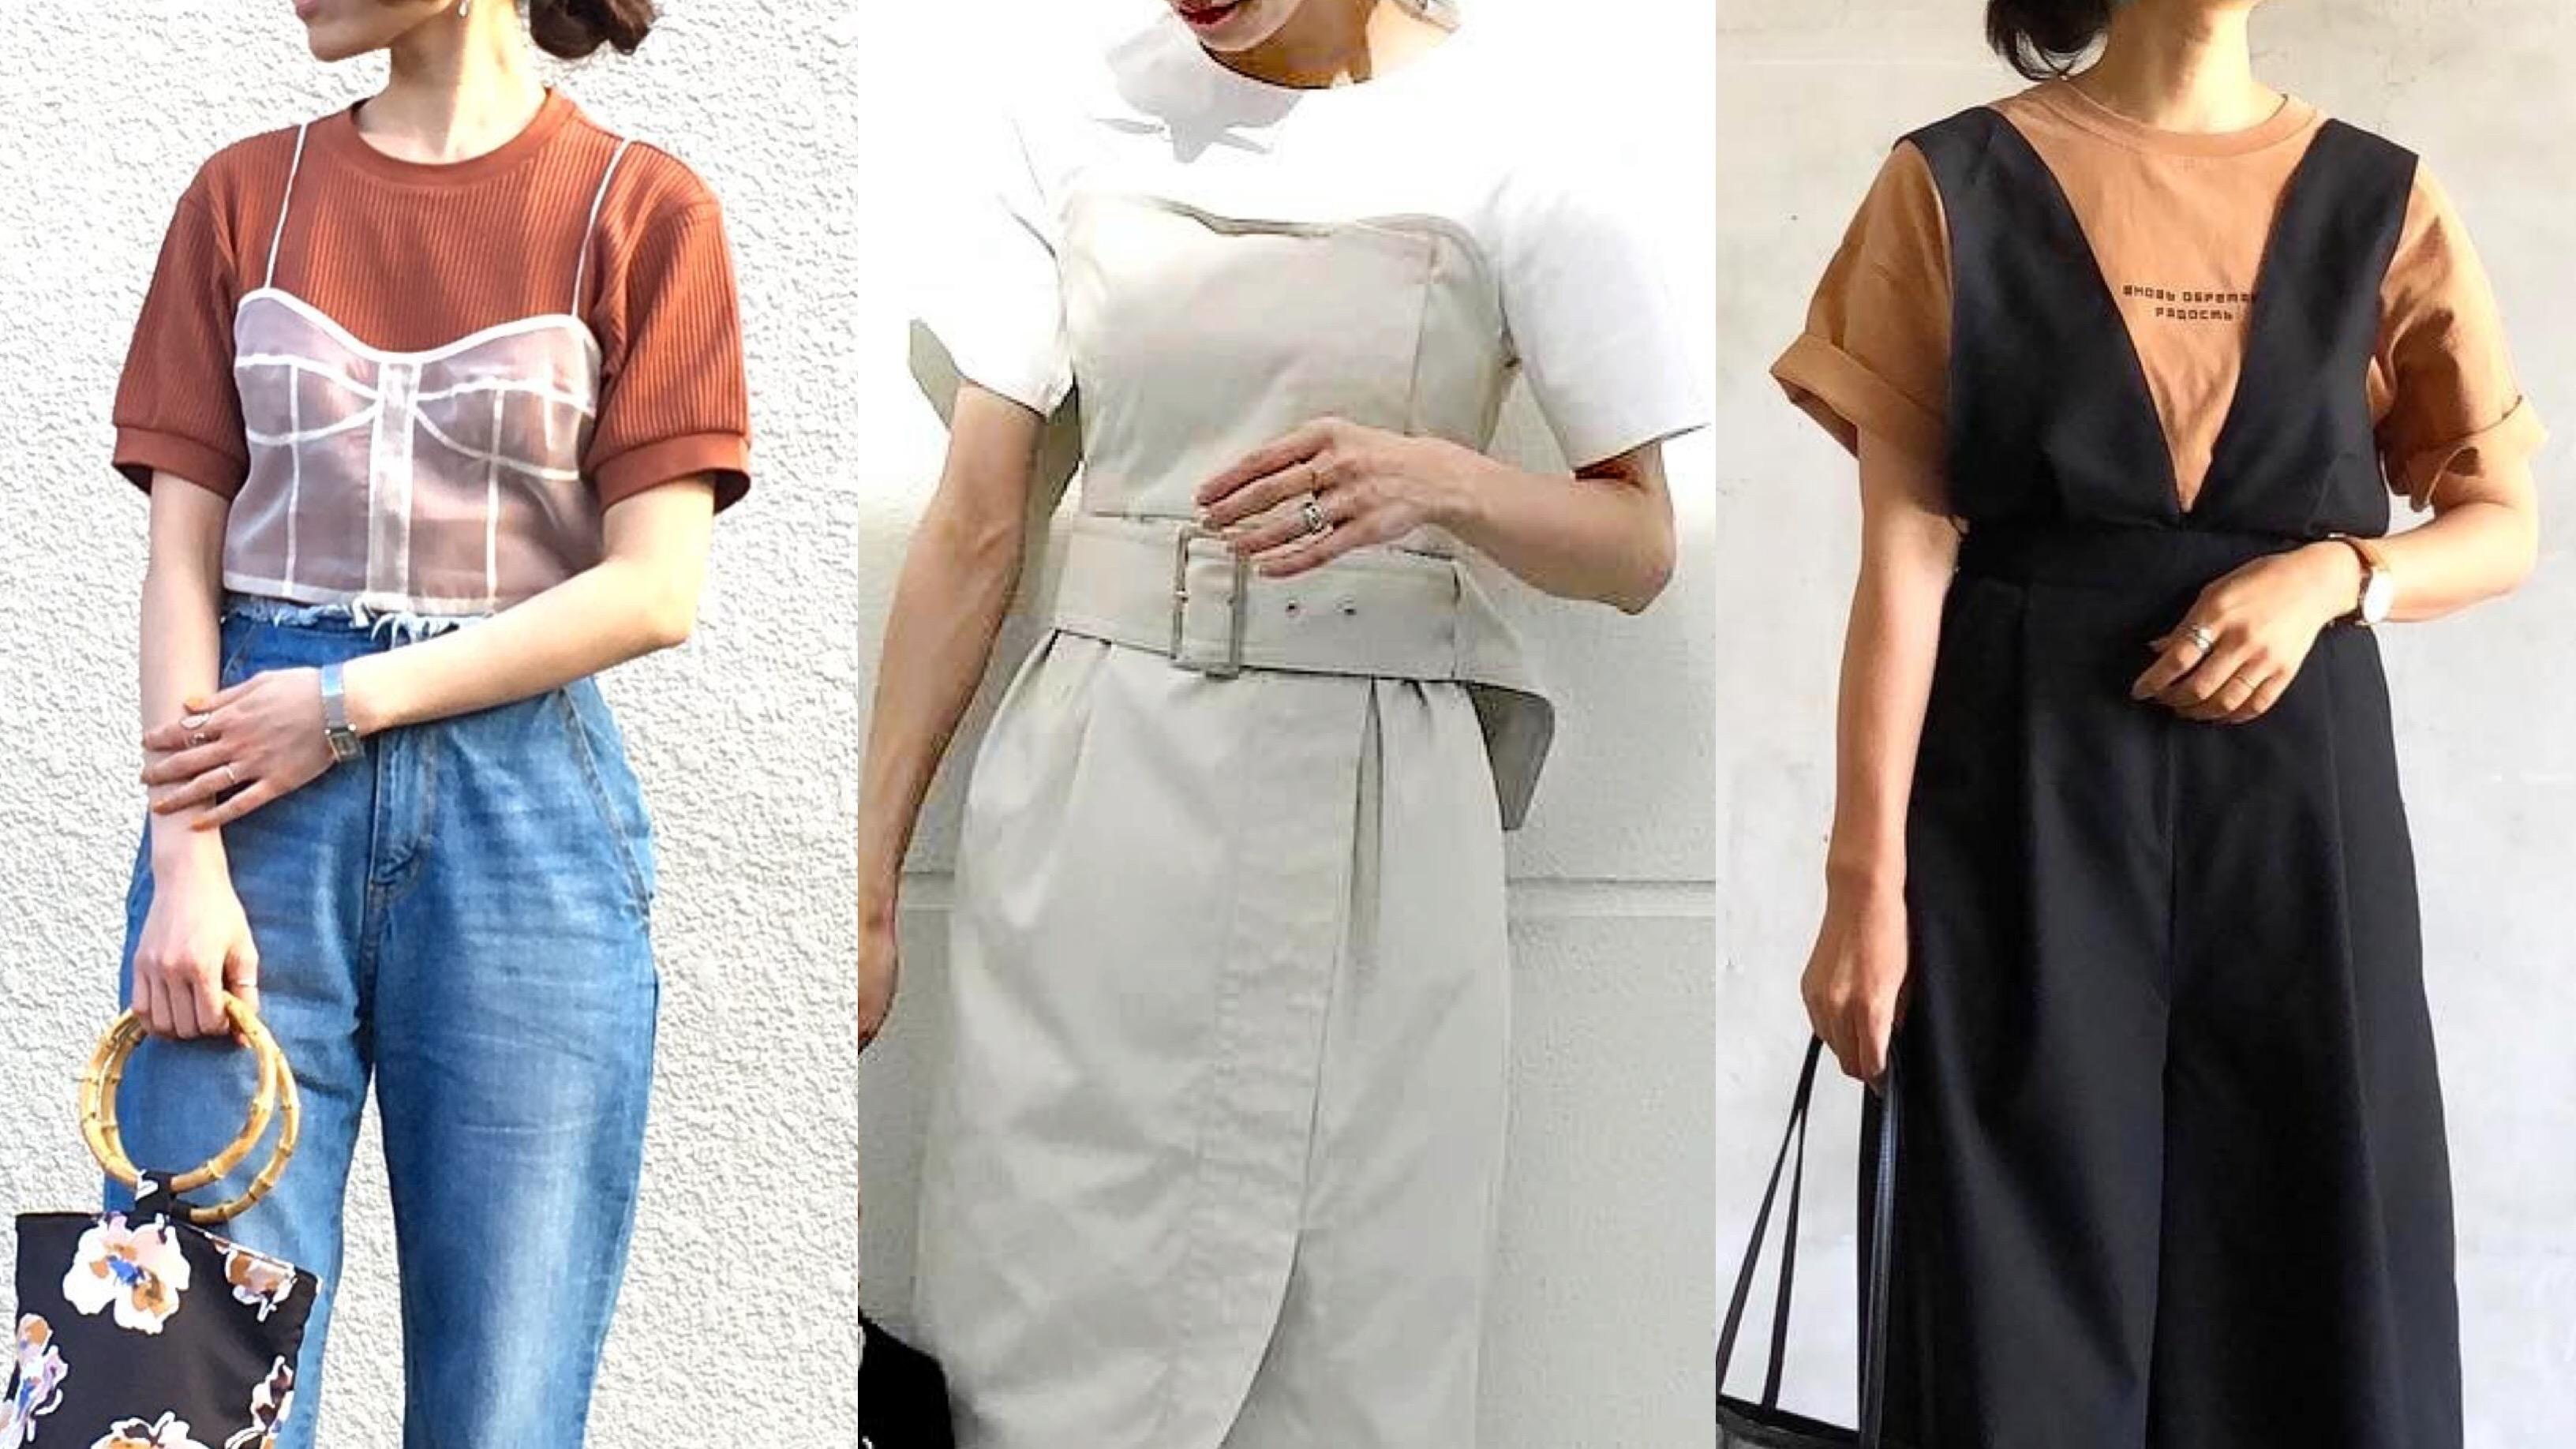 【MINESスナップ】お役立ちTシャツを最大限着回す大人カジュアル3